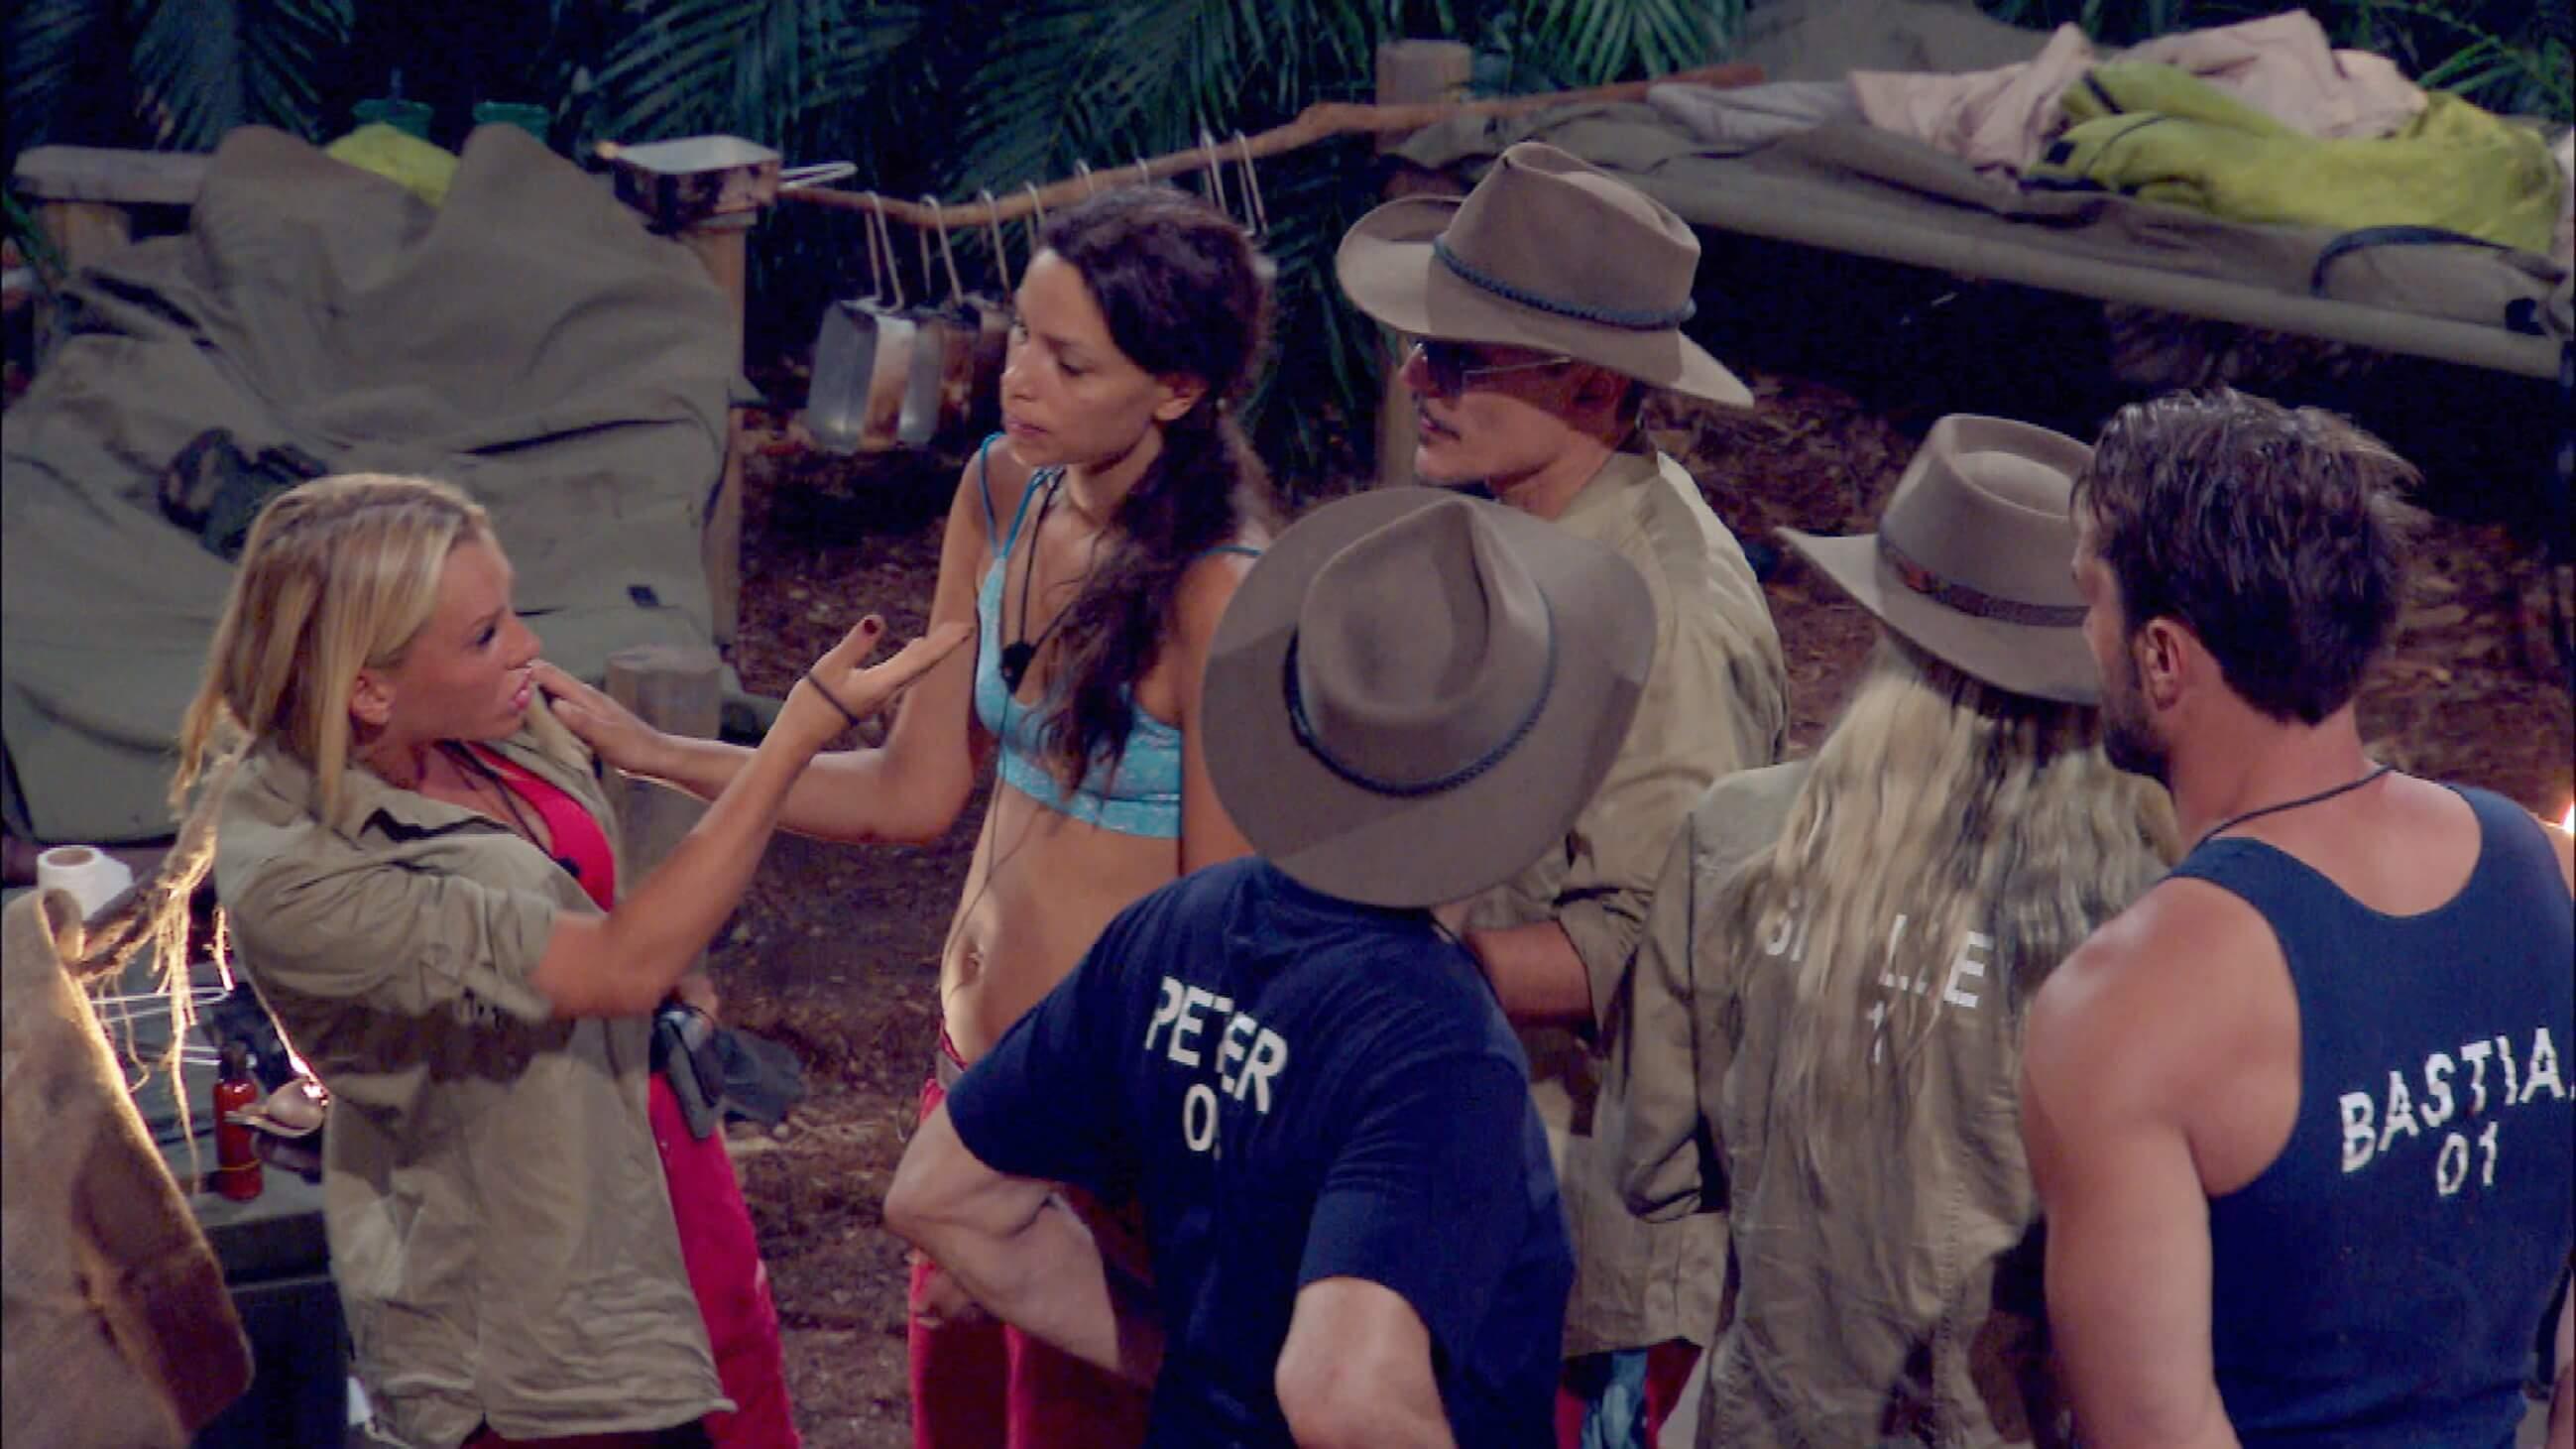 Hat Evelyn die Uhr ins Camp geschmuggelt? Sie bestreitet das!